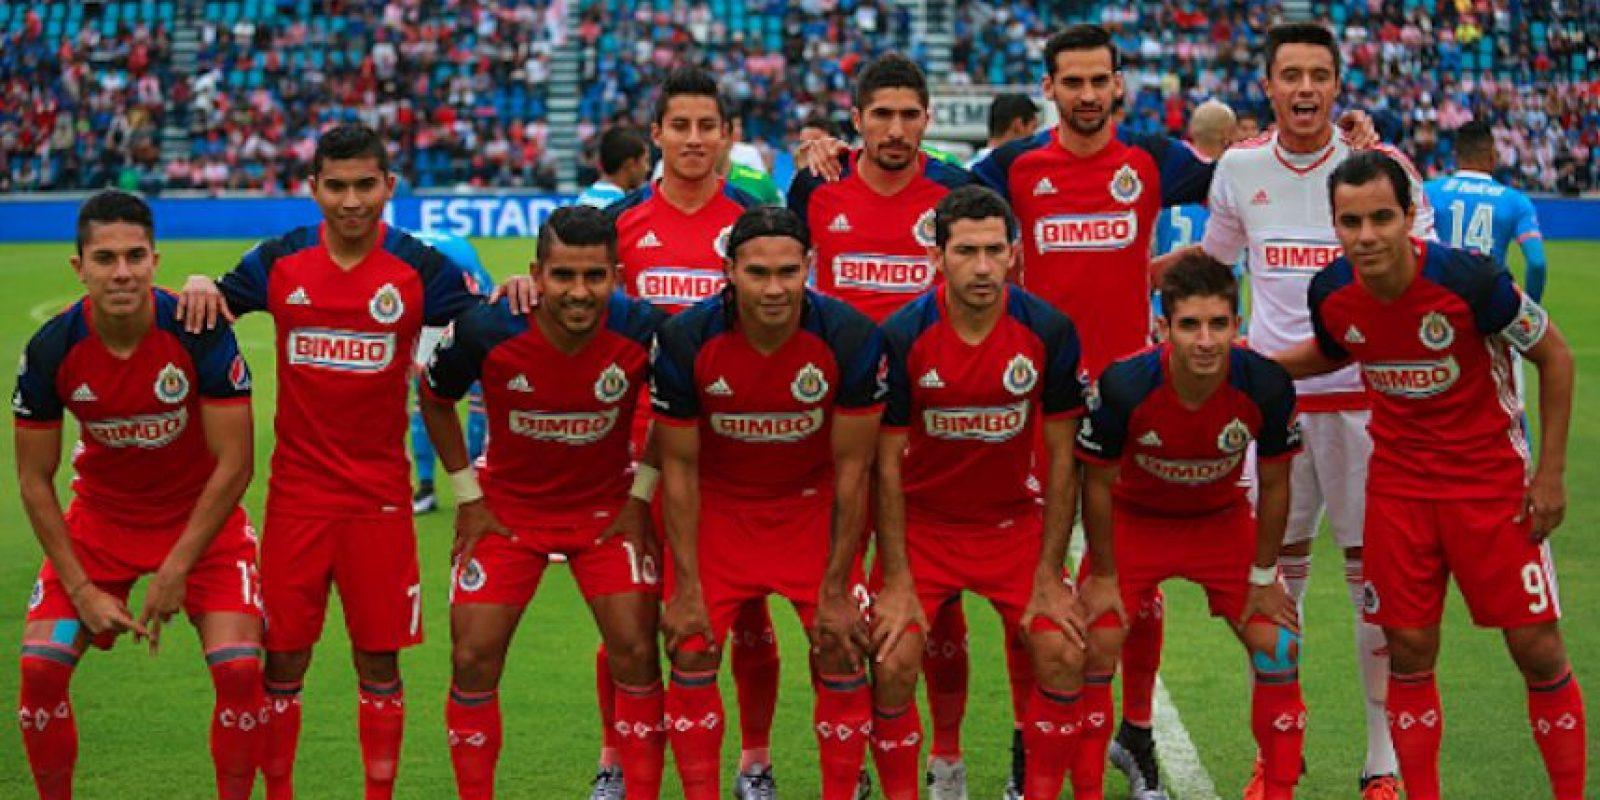 Cancún , Quintana Roo, es el sitio que muchos clubes de la Liga MX eligen para prepararse. Foto:Getty Images